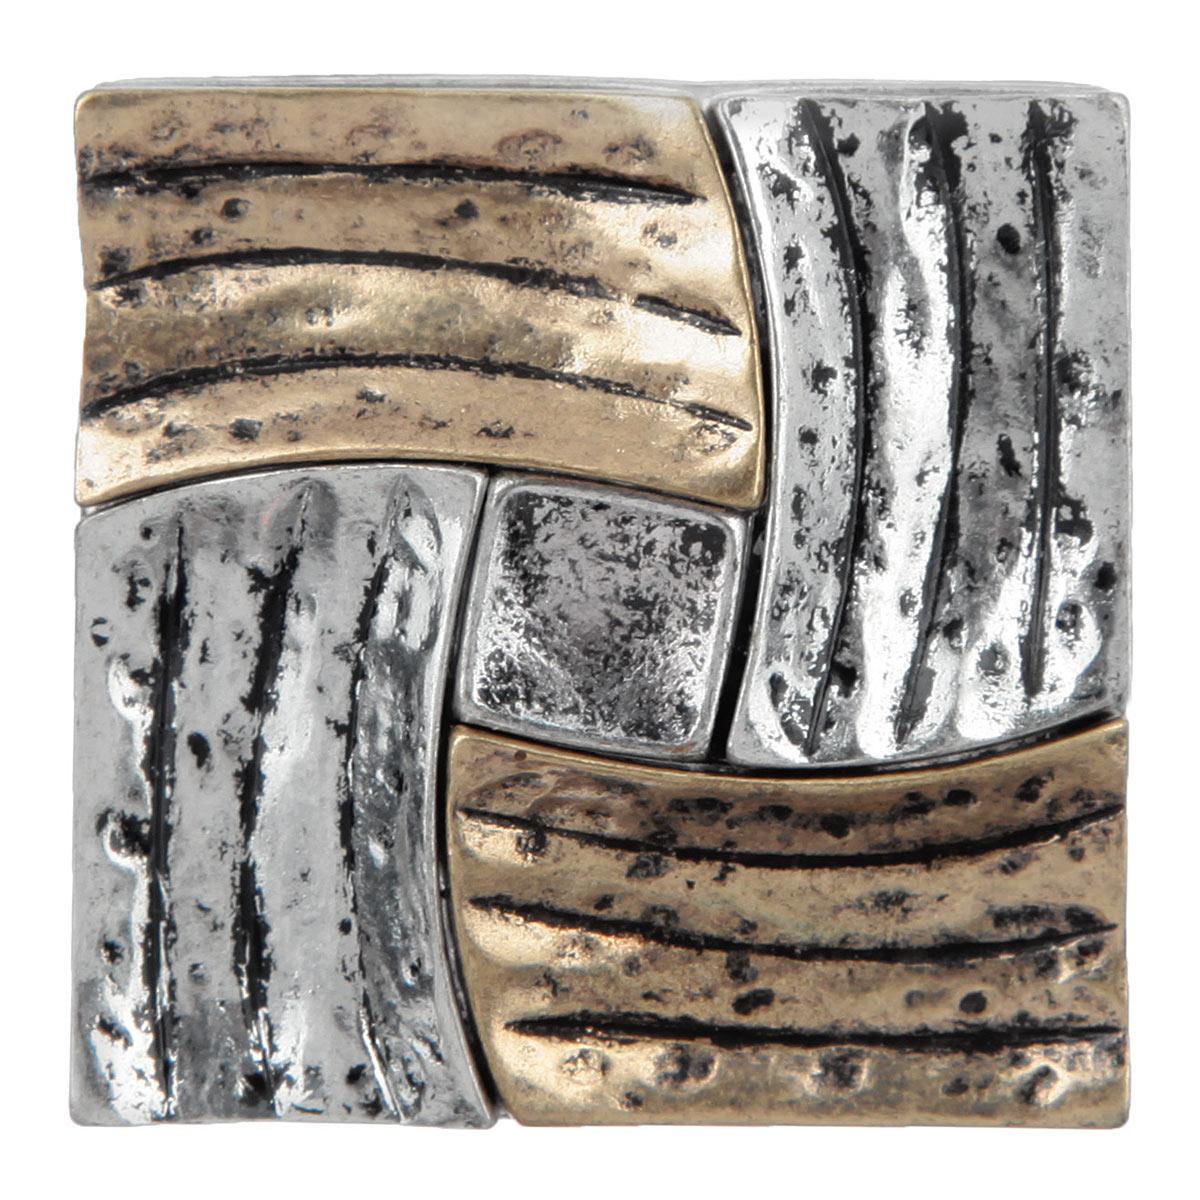 Кольцо Avgad, цвет: серебристый. EA178JW171EA178JW171Оригинальное кольцо Avgad в восточном стиле выполнено из ювелирного сплава позволит вам с легкостью создать собственный, неповторимый образ. Элементы соединены с помощью тонкой резинки, благодаря этому оно легко одевается и снимается. Размер универсальный.